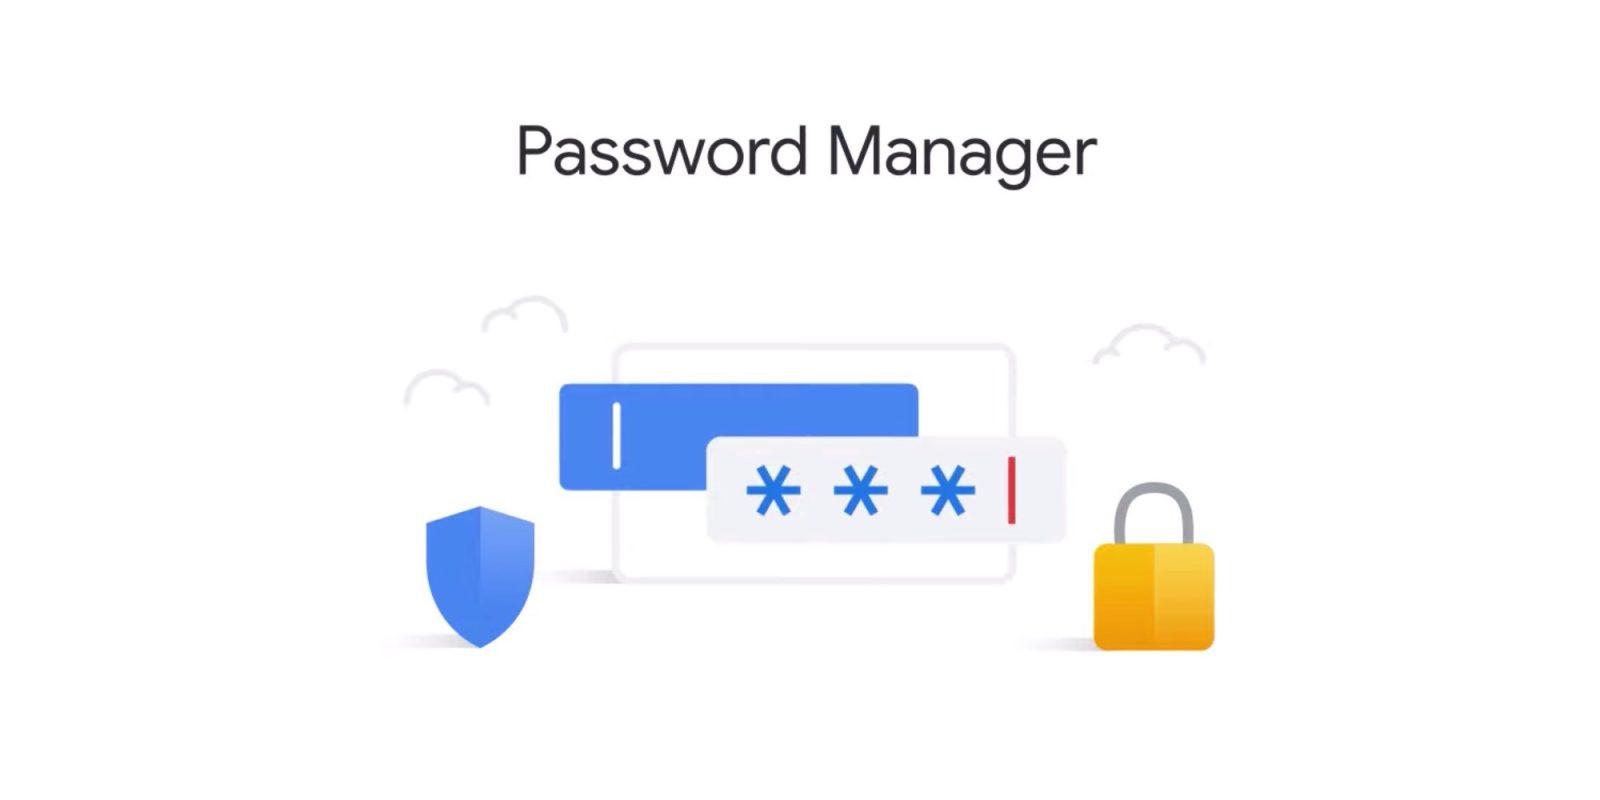 आफ्नो एकाउन्ट सुरक्षित राख्न यसरी प्रयोग गर्नुहोस् गूगलको  पासवर्ड म्यानेजर